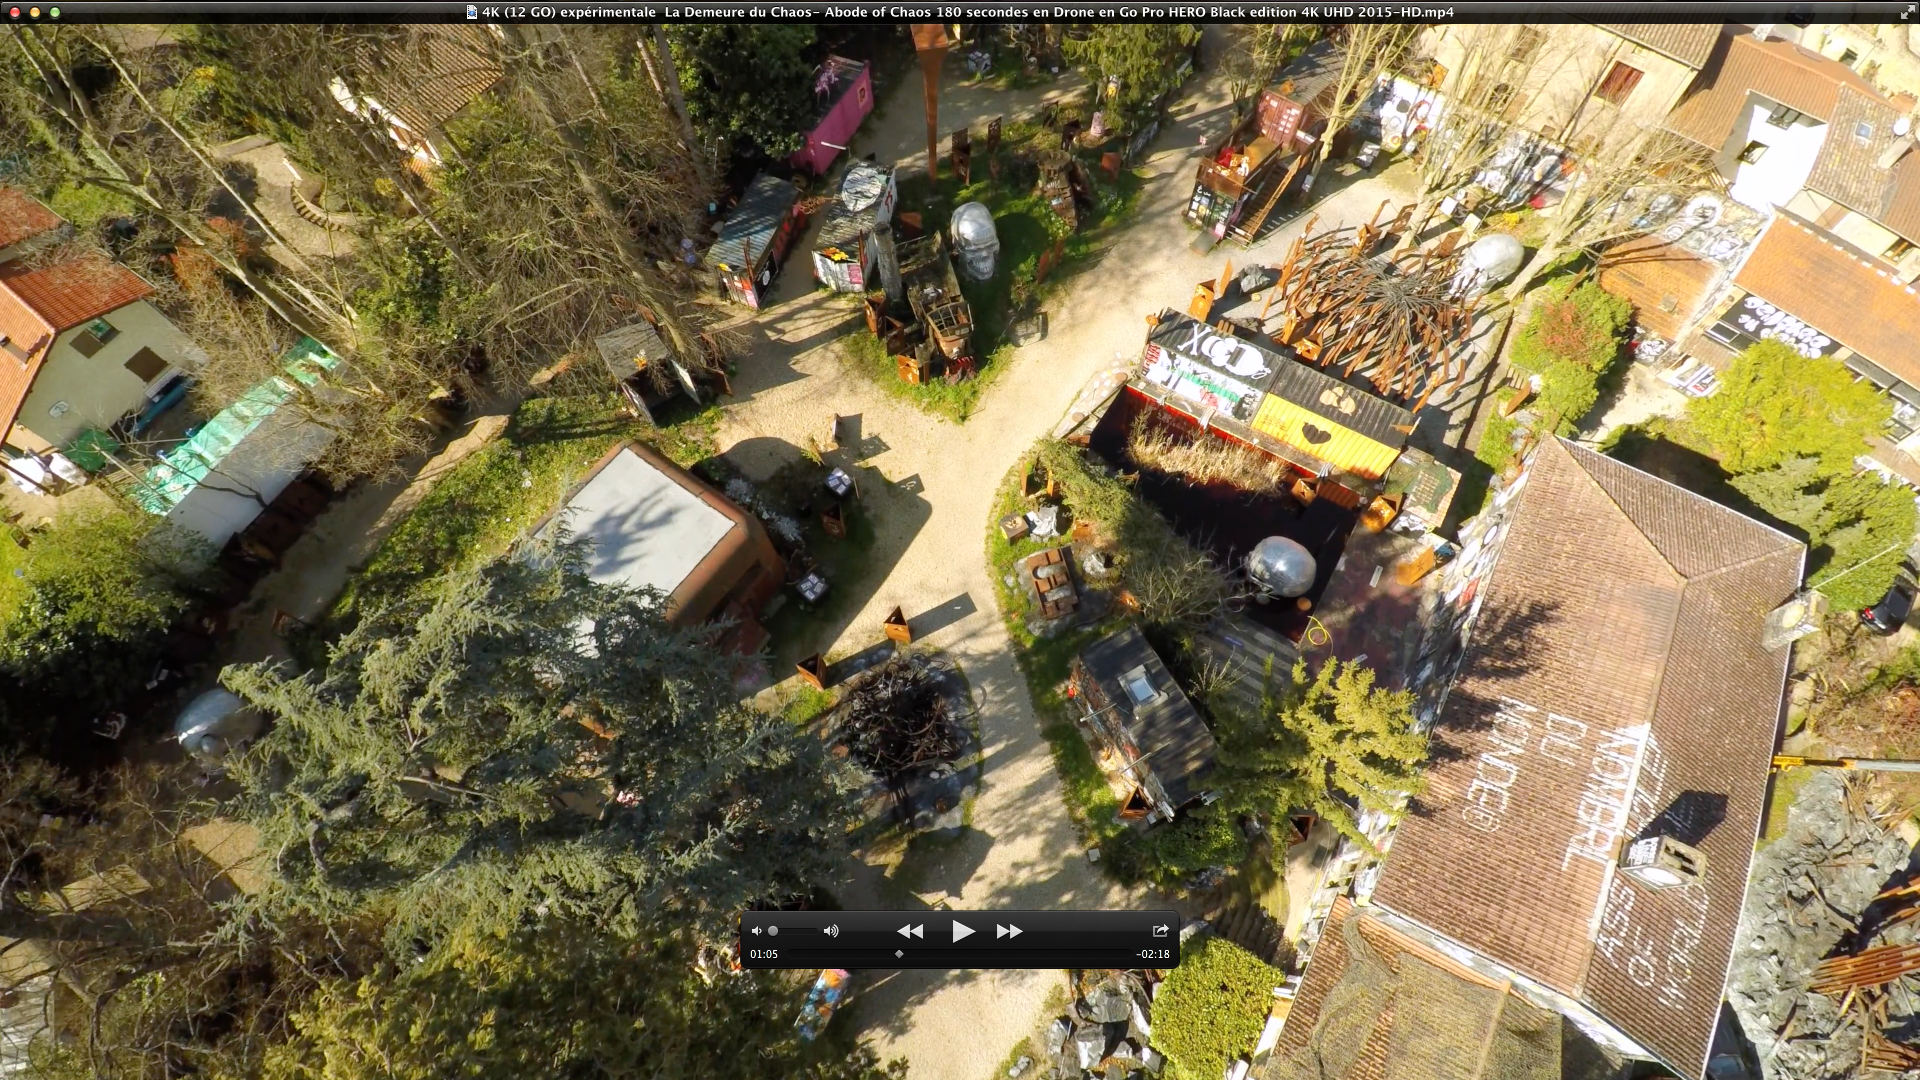 La Demeure du Chaos vue du0026#39;un Drone Go Pro HERO Black edition 4K HD ...